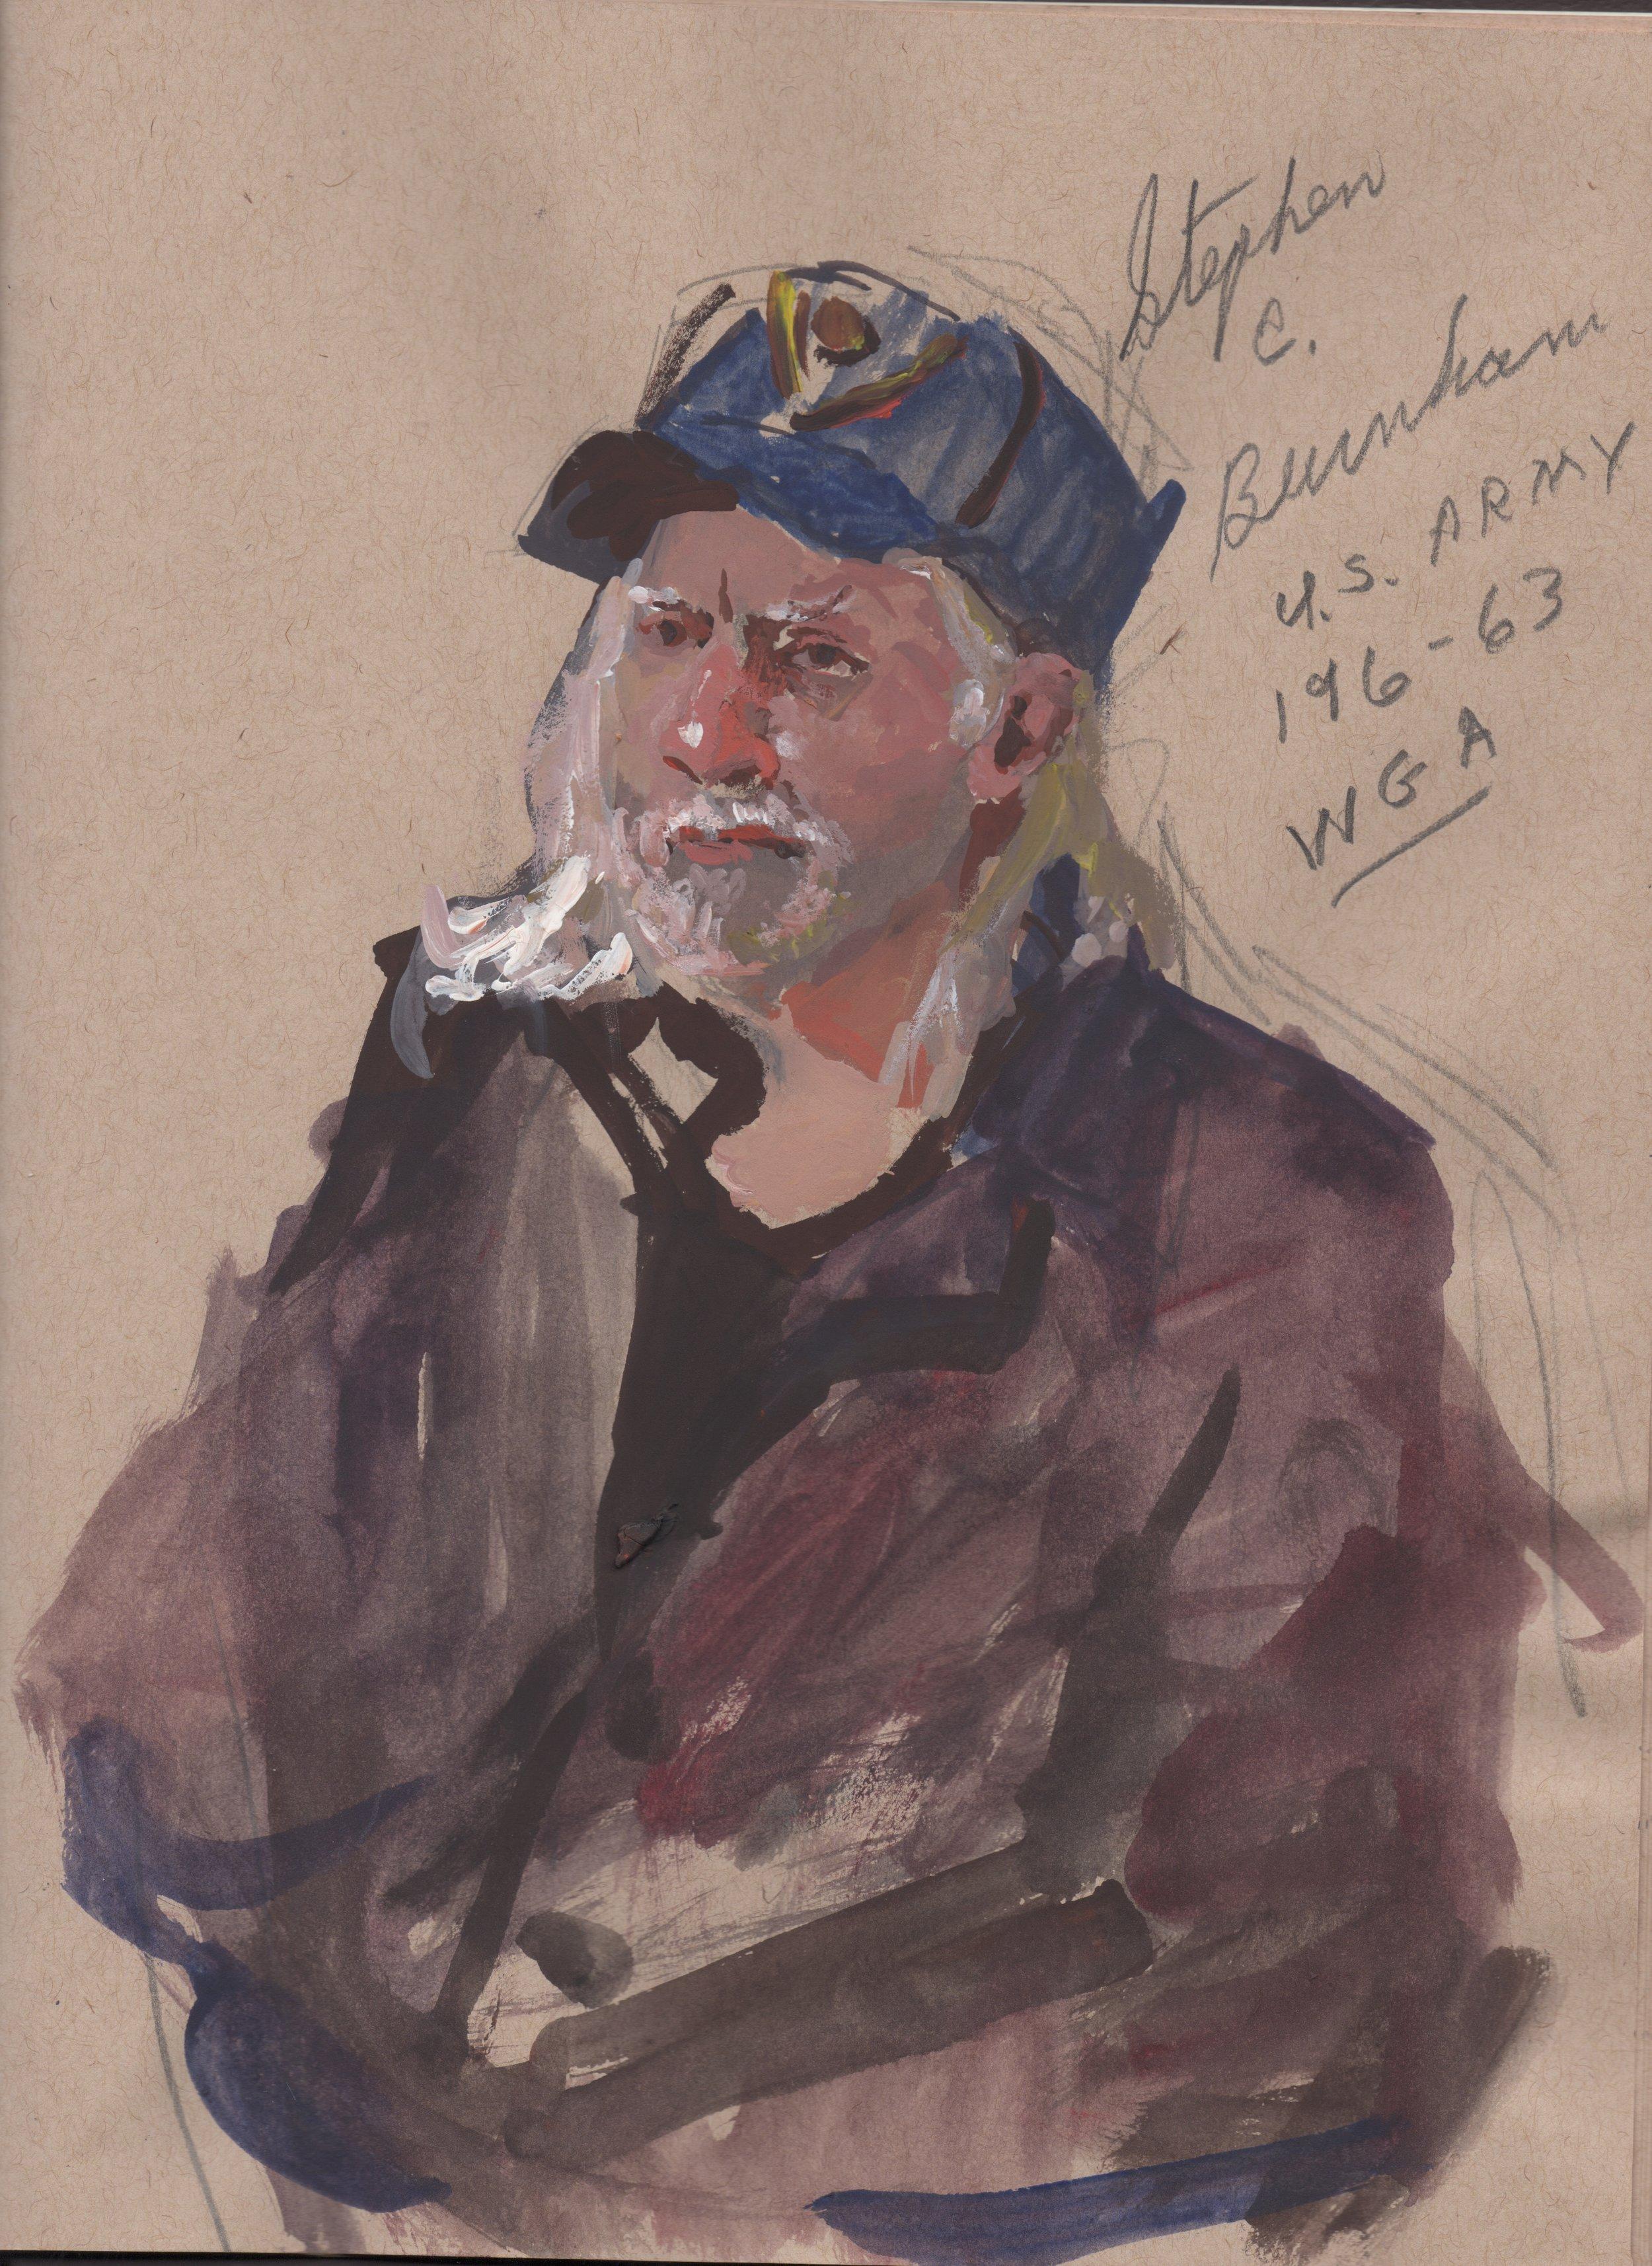 Stephen C. Burnham